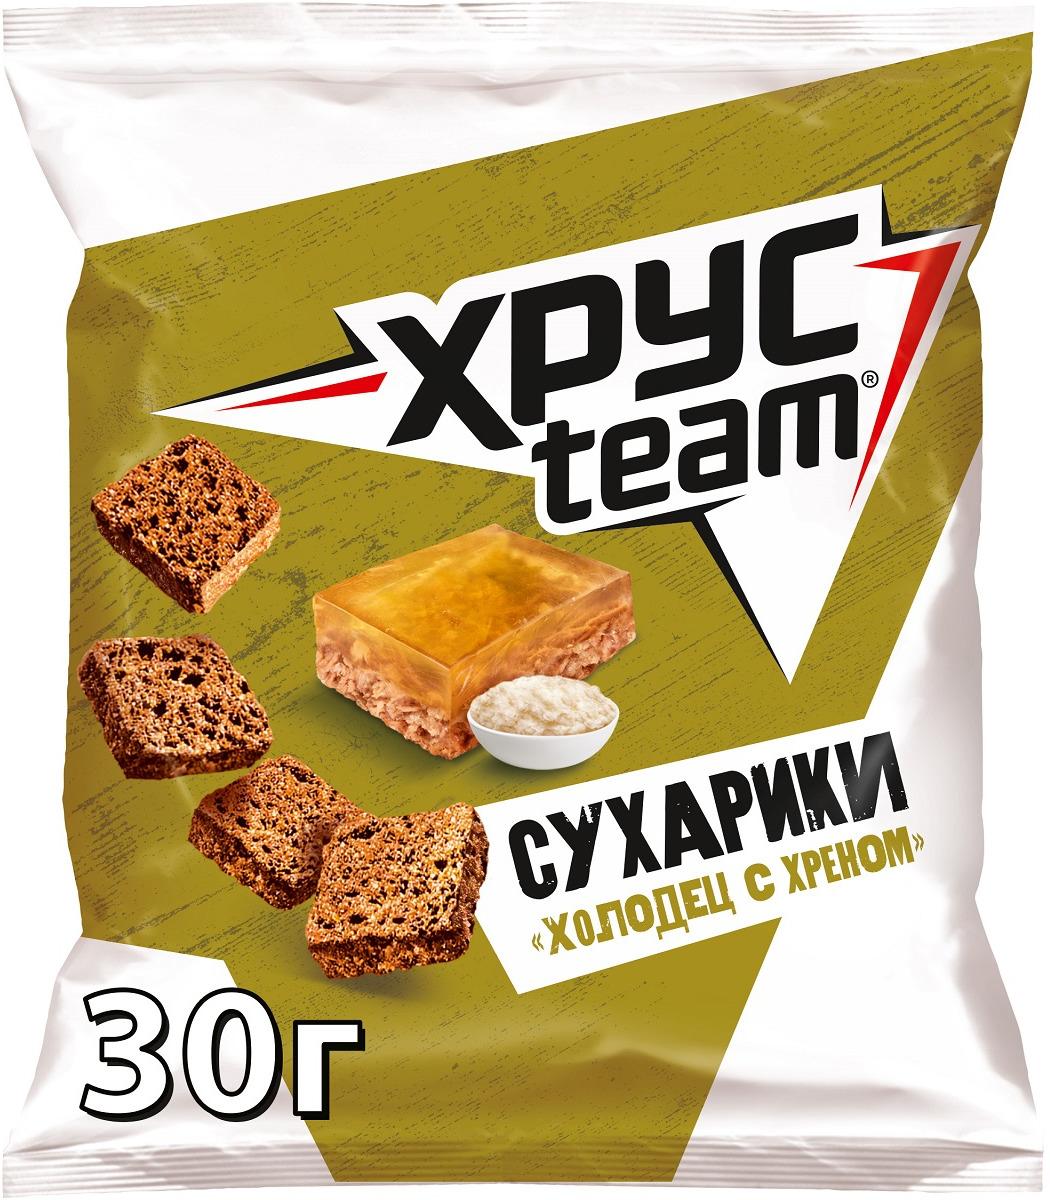 Сухарики Хрусteam Холодец с хреном, 30 г сухарики ржаные русские сухарики фермерская сметана 50 г